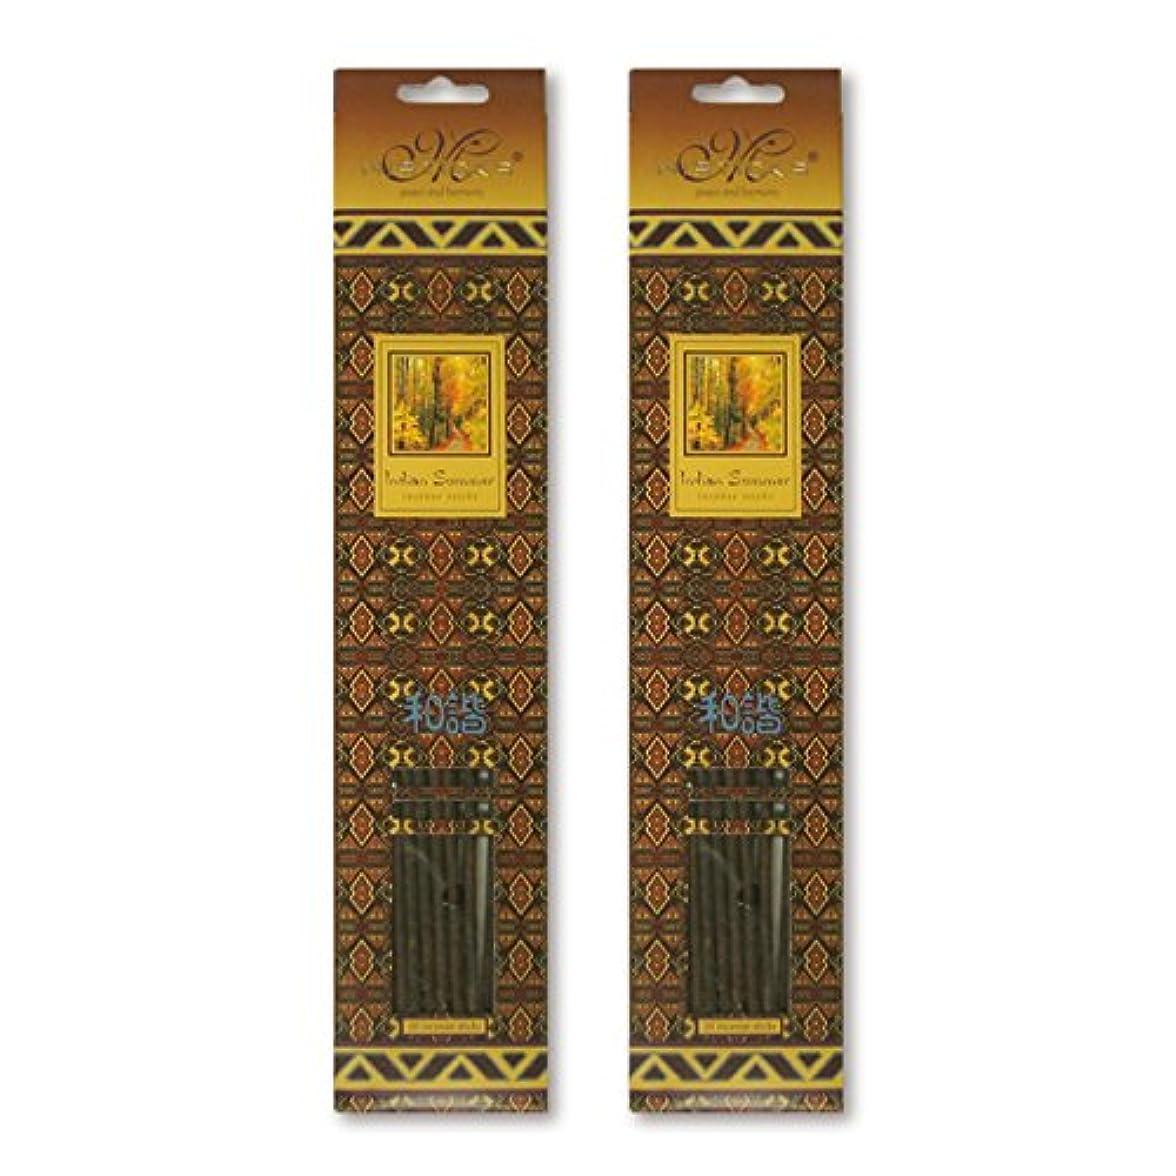 一目是正たとえMISTICKS ミスティックス Indian Summer インディアンサマー お香 20本 X 2パック (40本)